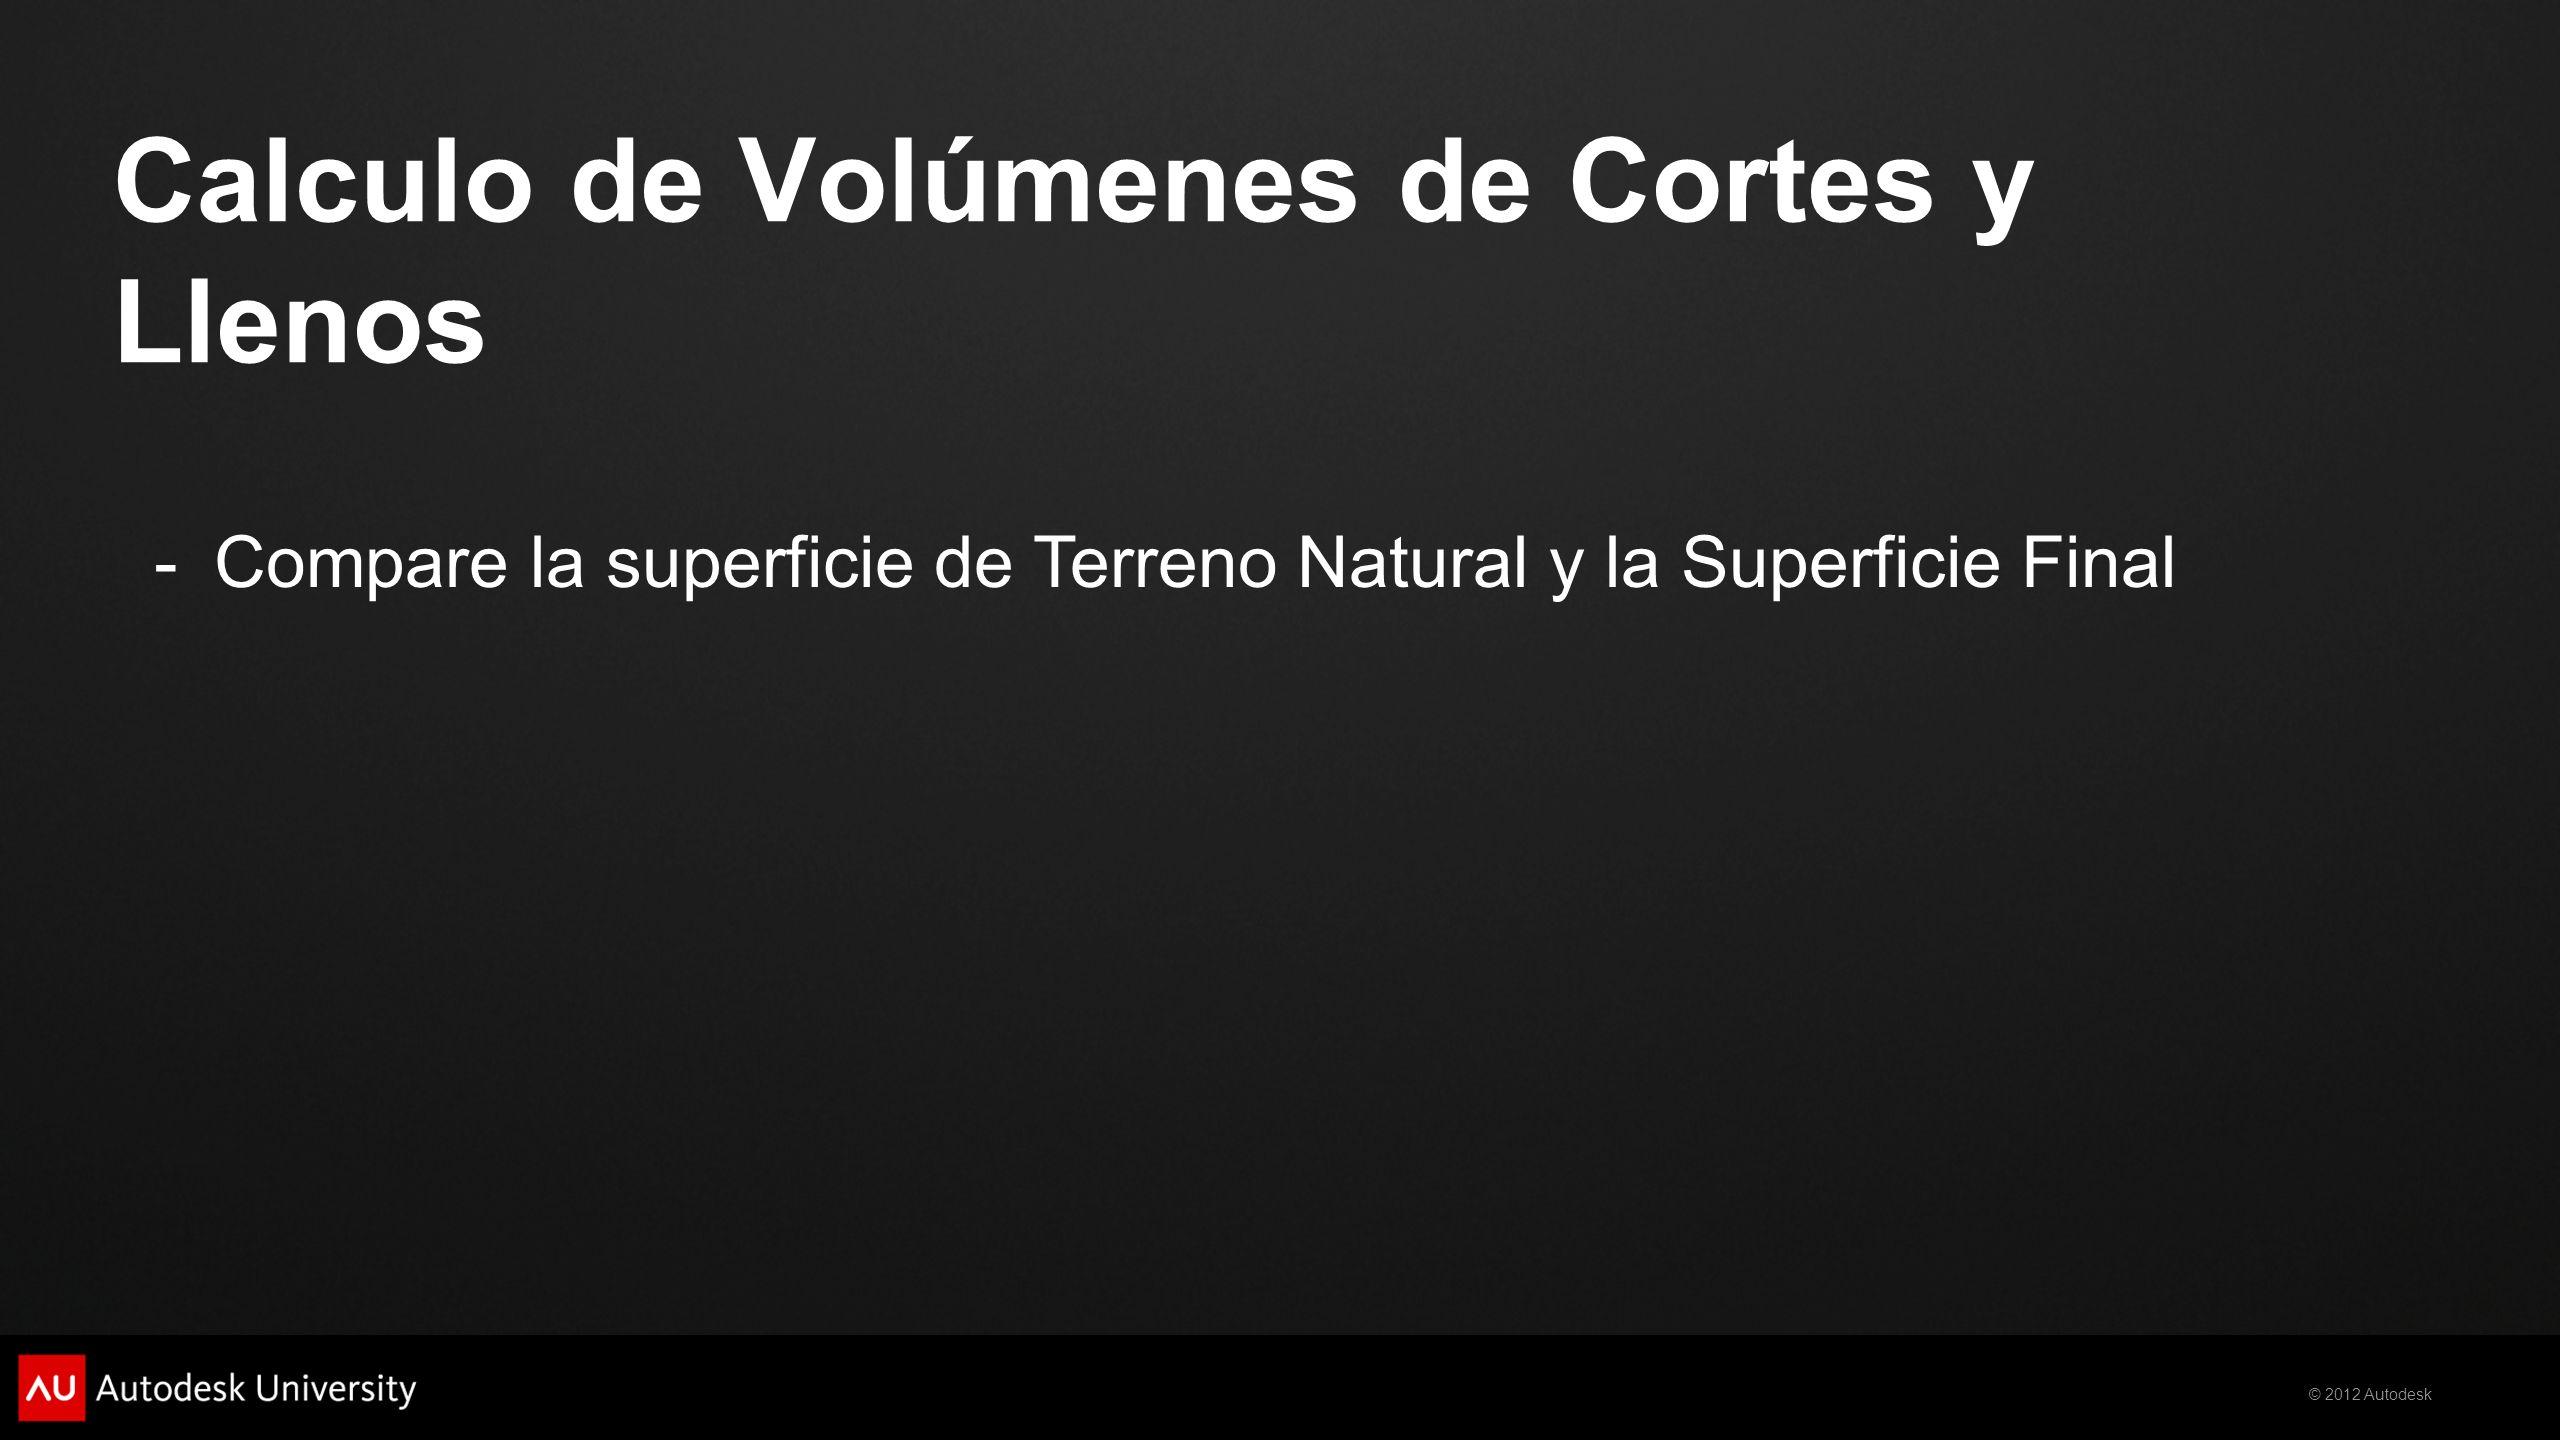 Calculo de Volúmenes de Cortes y Llenos